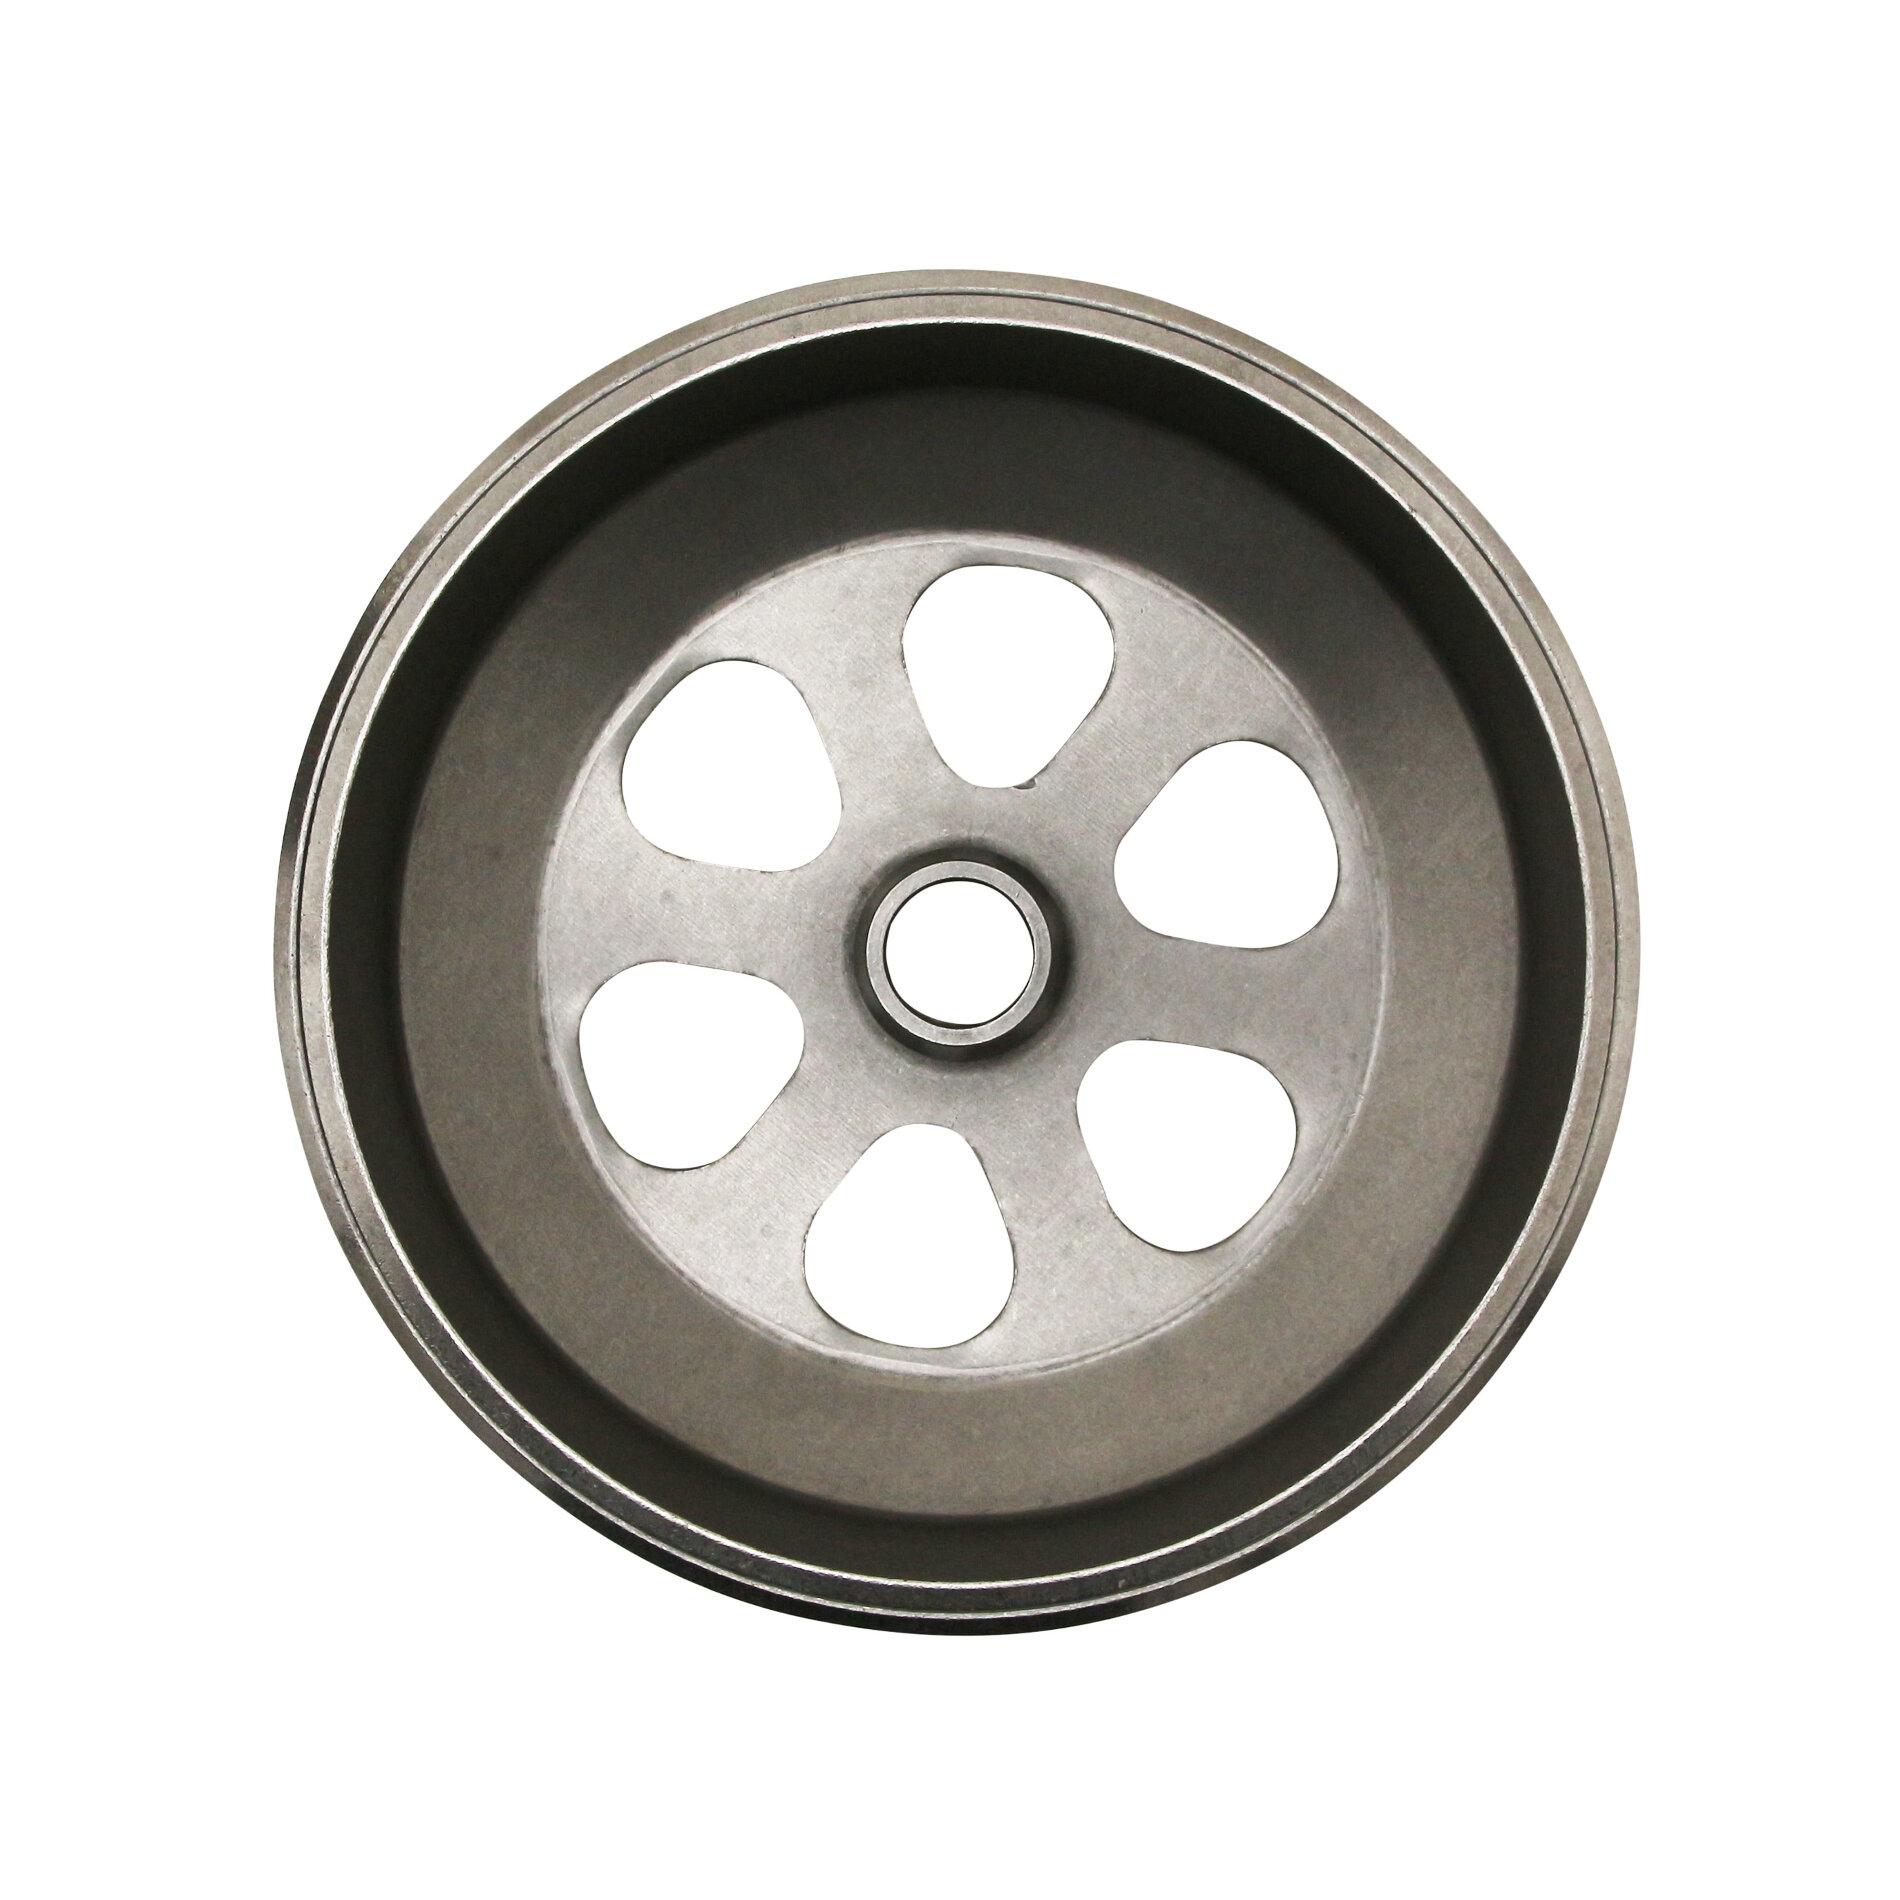 Cloche d'embrayage Newfren Piaggio 500 MP3 LT 14-